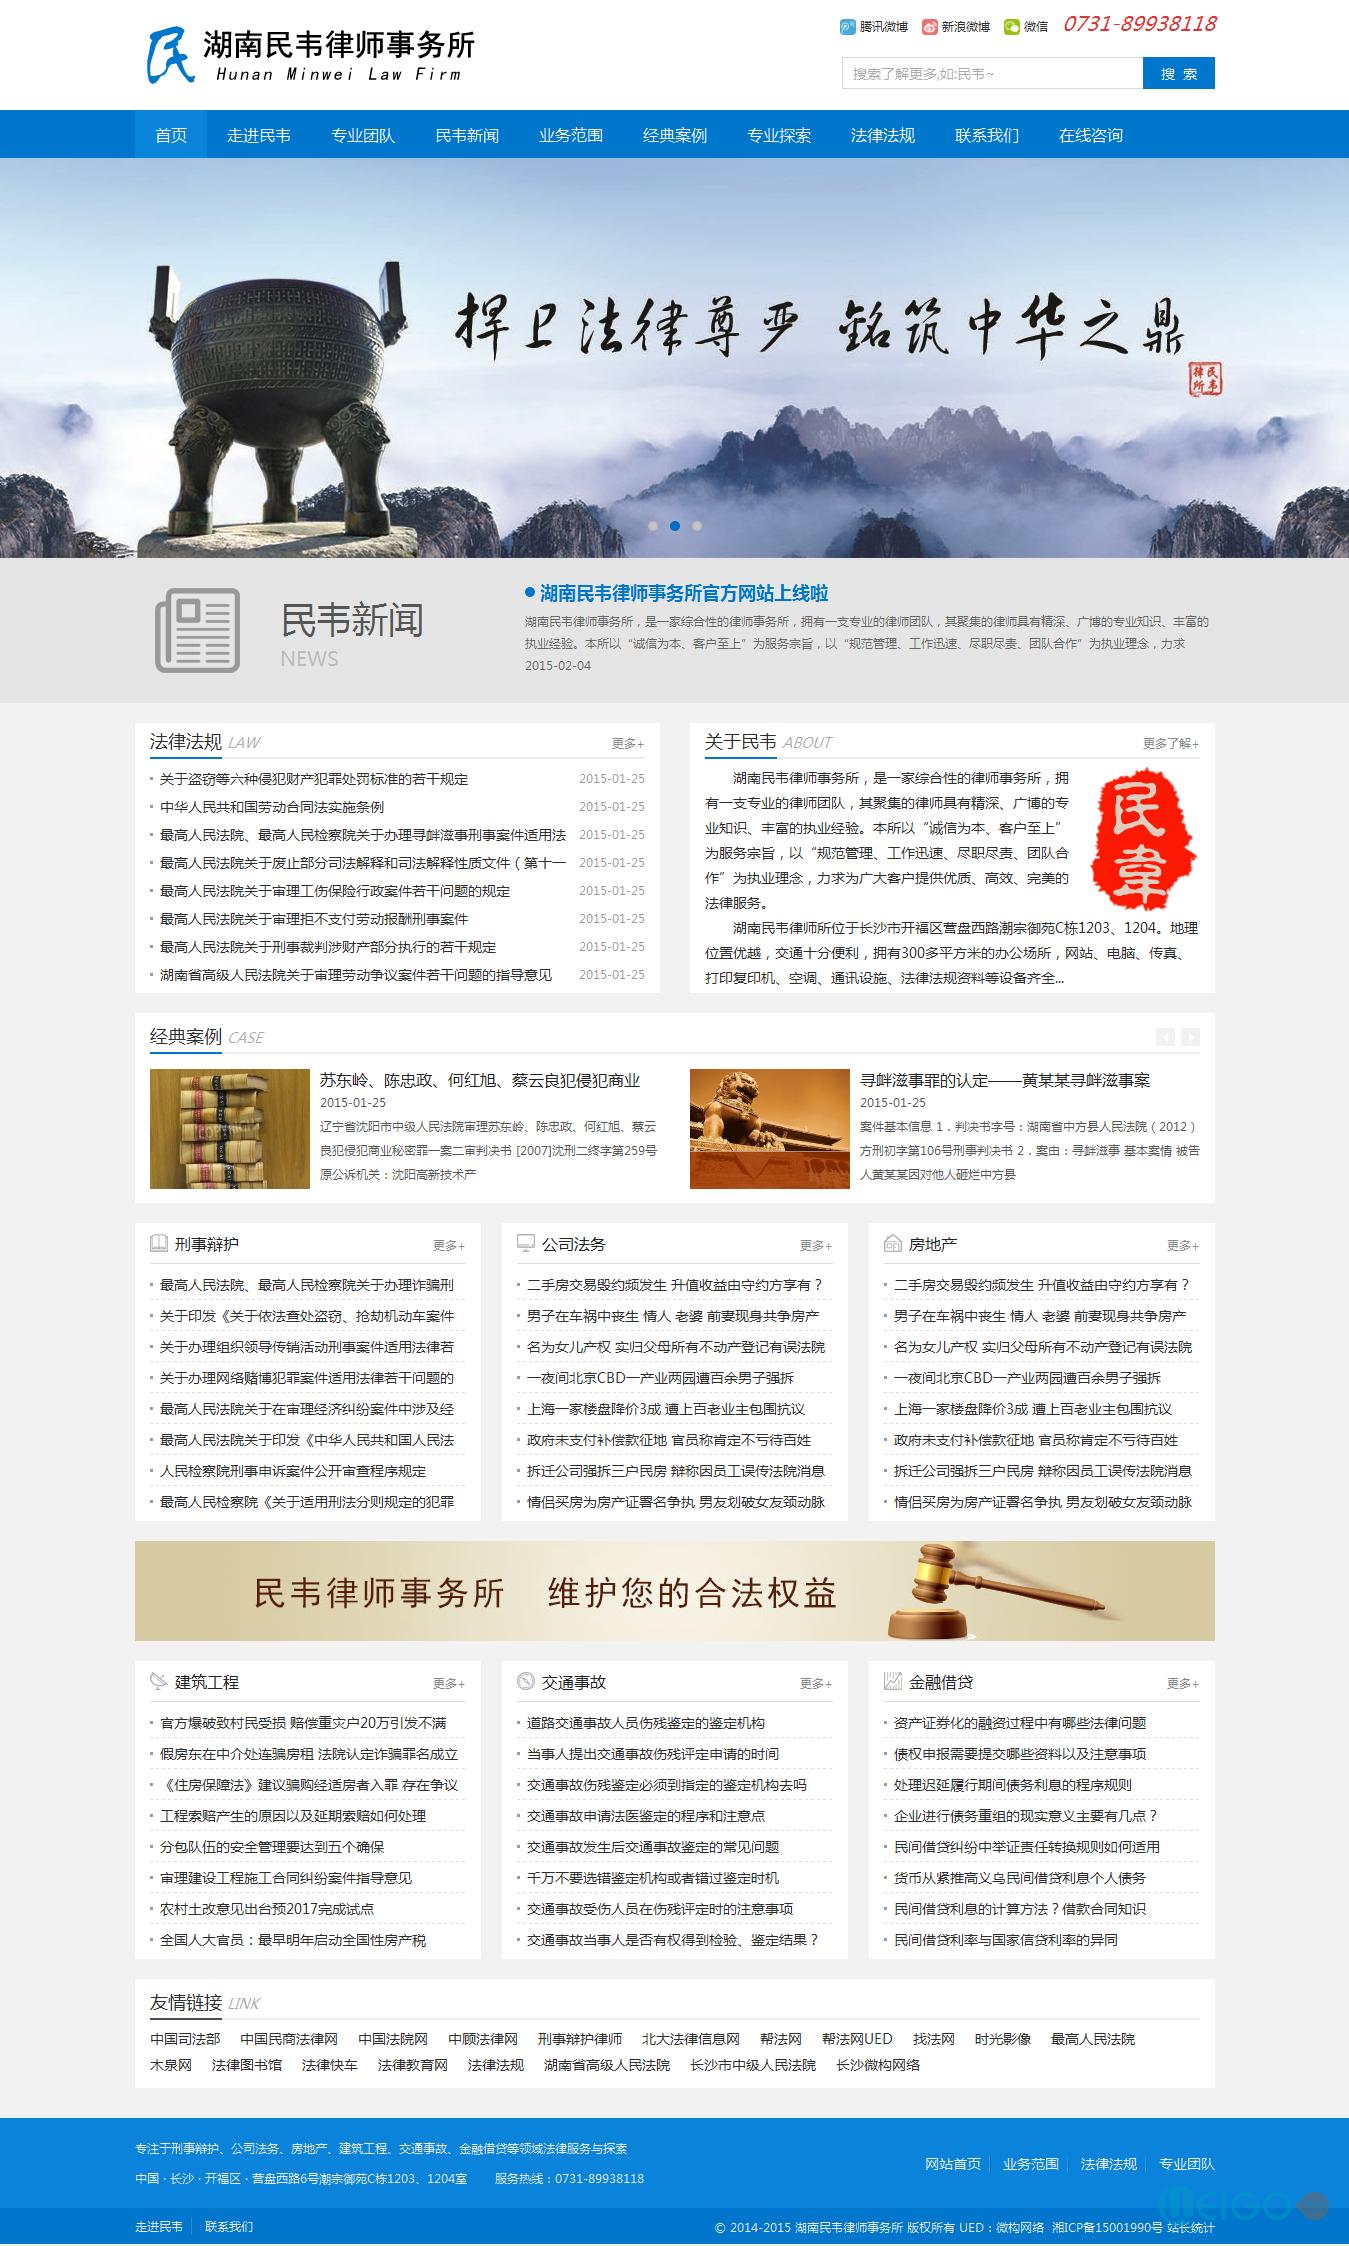 湖南民韦律师事务所官网1